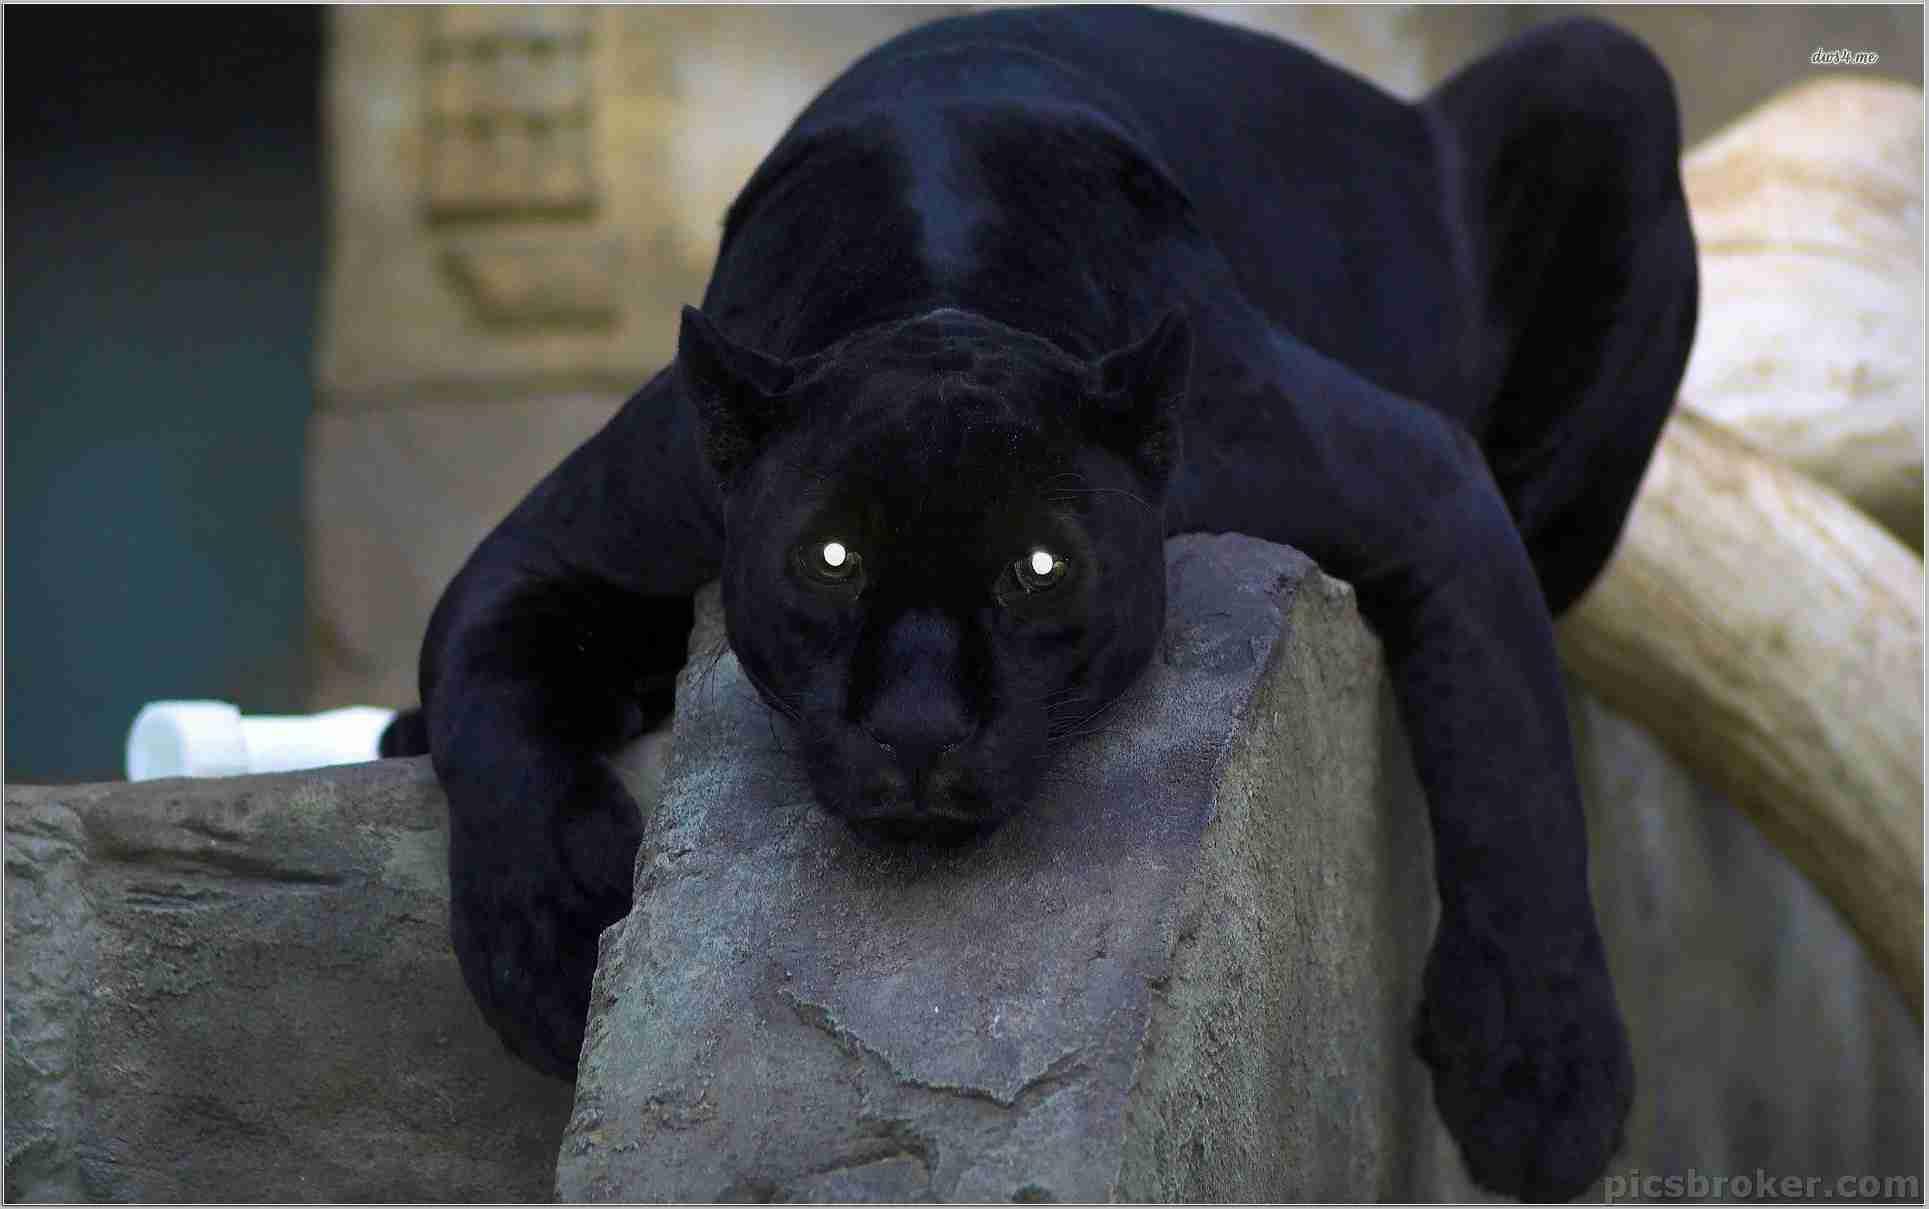 Black Panther Animal 4k Wallpaper Iphone Black Panther Animal 2200672 Hd Wallpaper Backgrounds Download